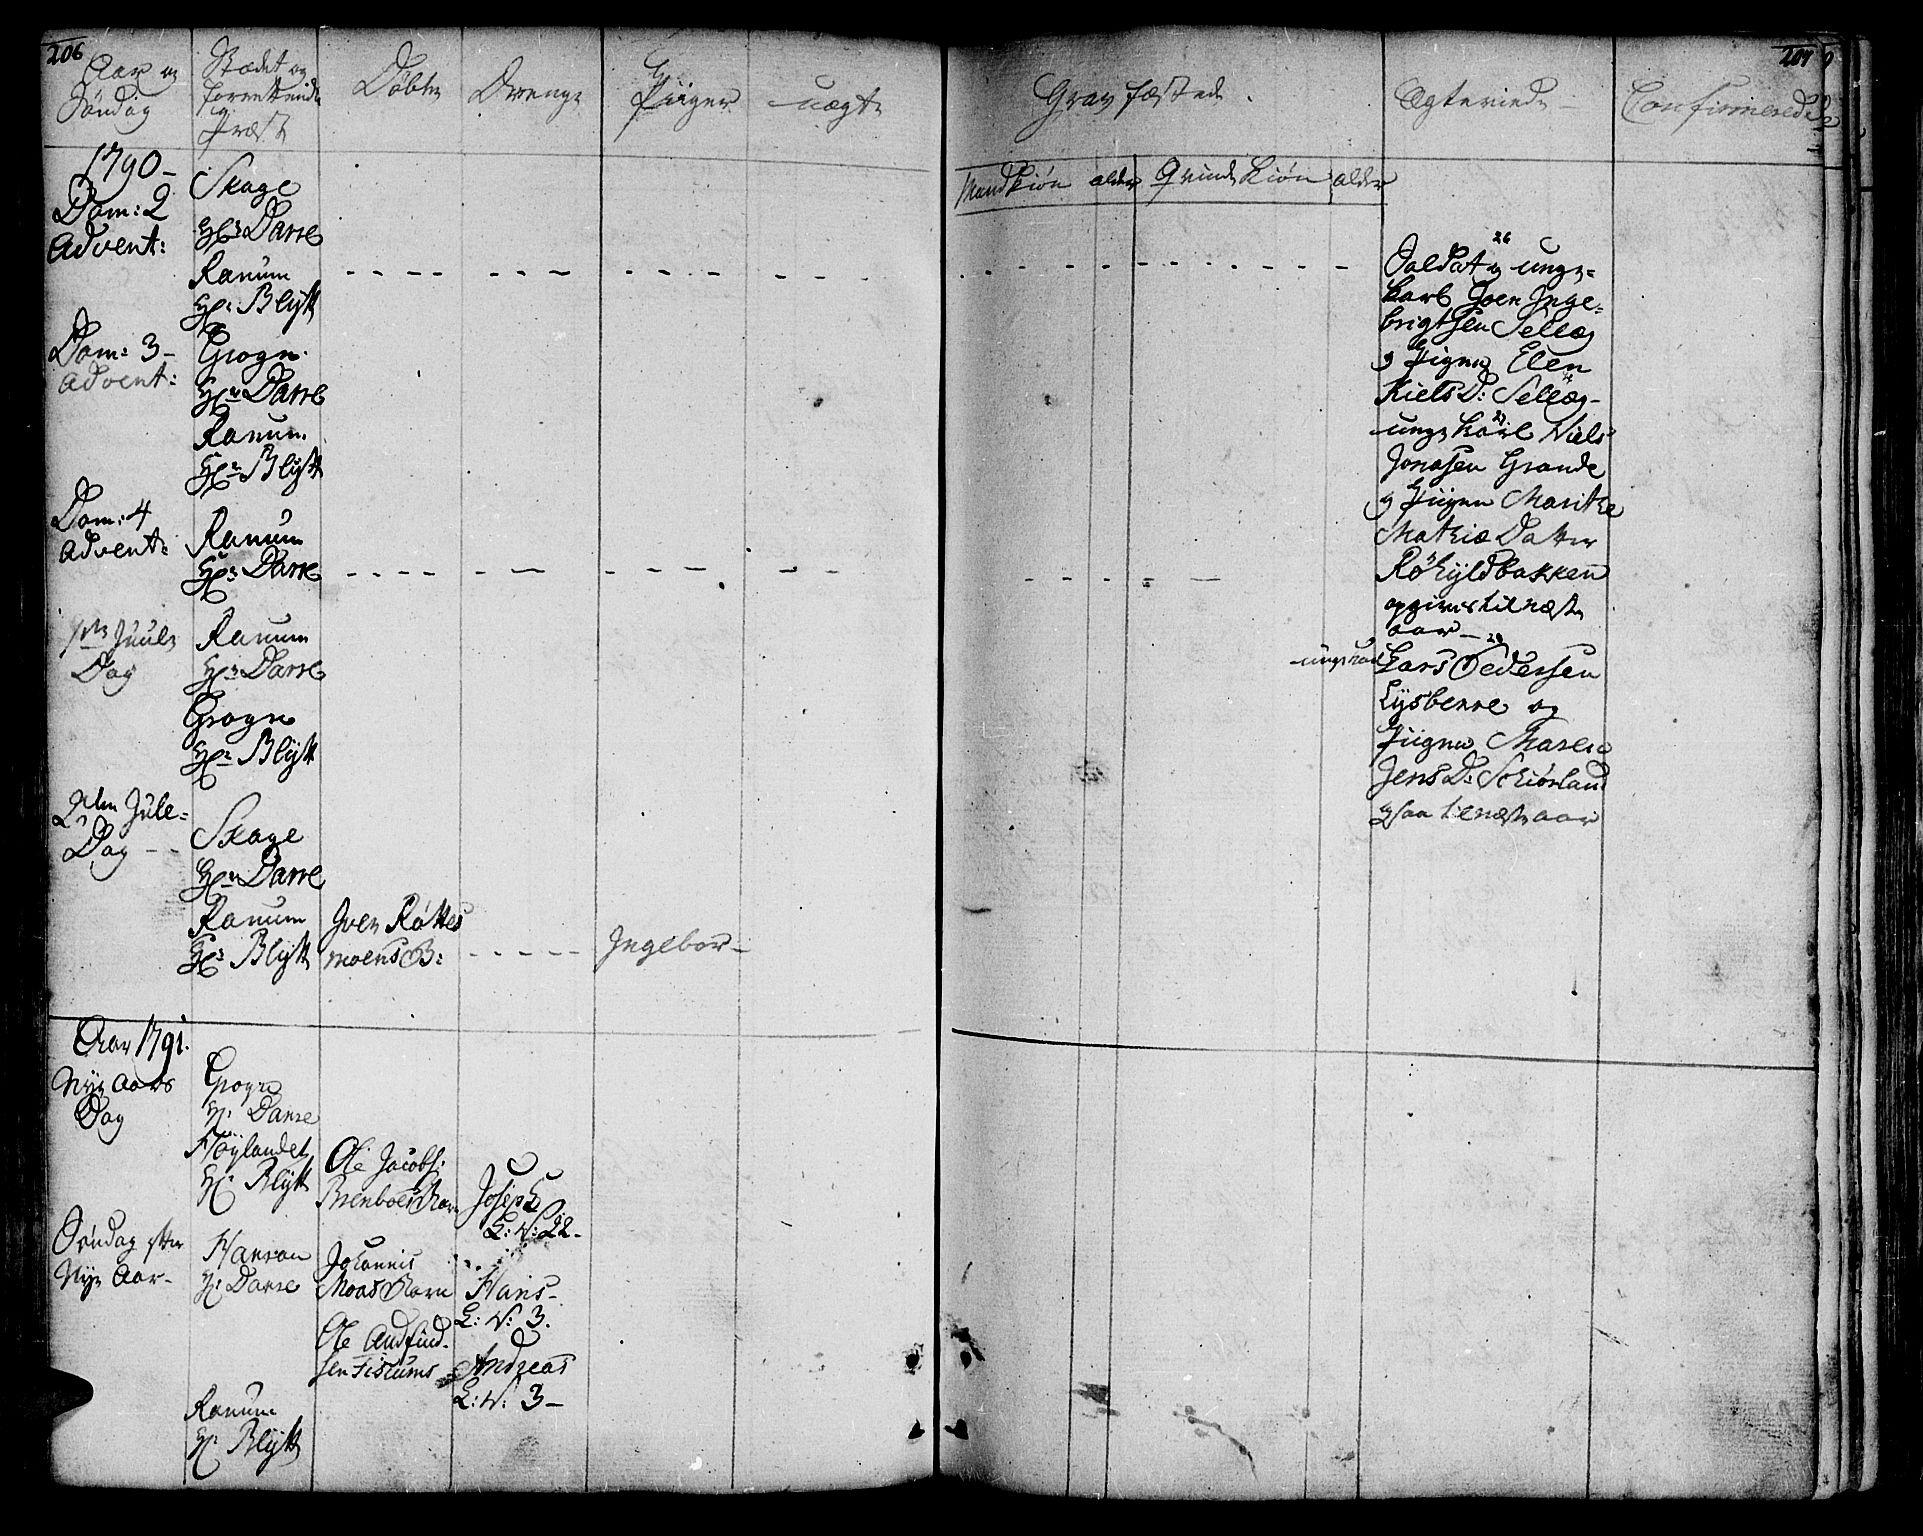 SAT, Ministerialprotokoller, klokkerbøker og fødselsregistre - Nord-Trøndelag, 764/L0544: Ministerialbok nr. 764A04, 1780-1798, s. 206-207